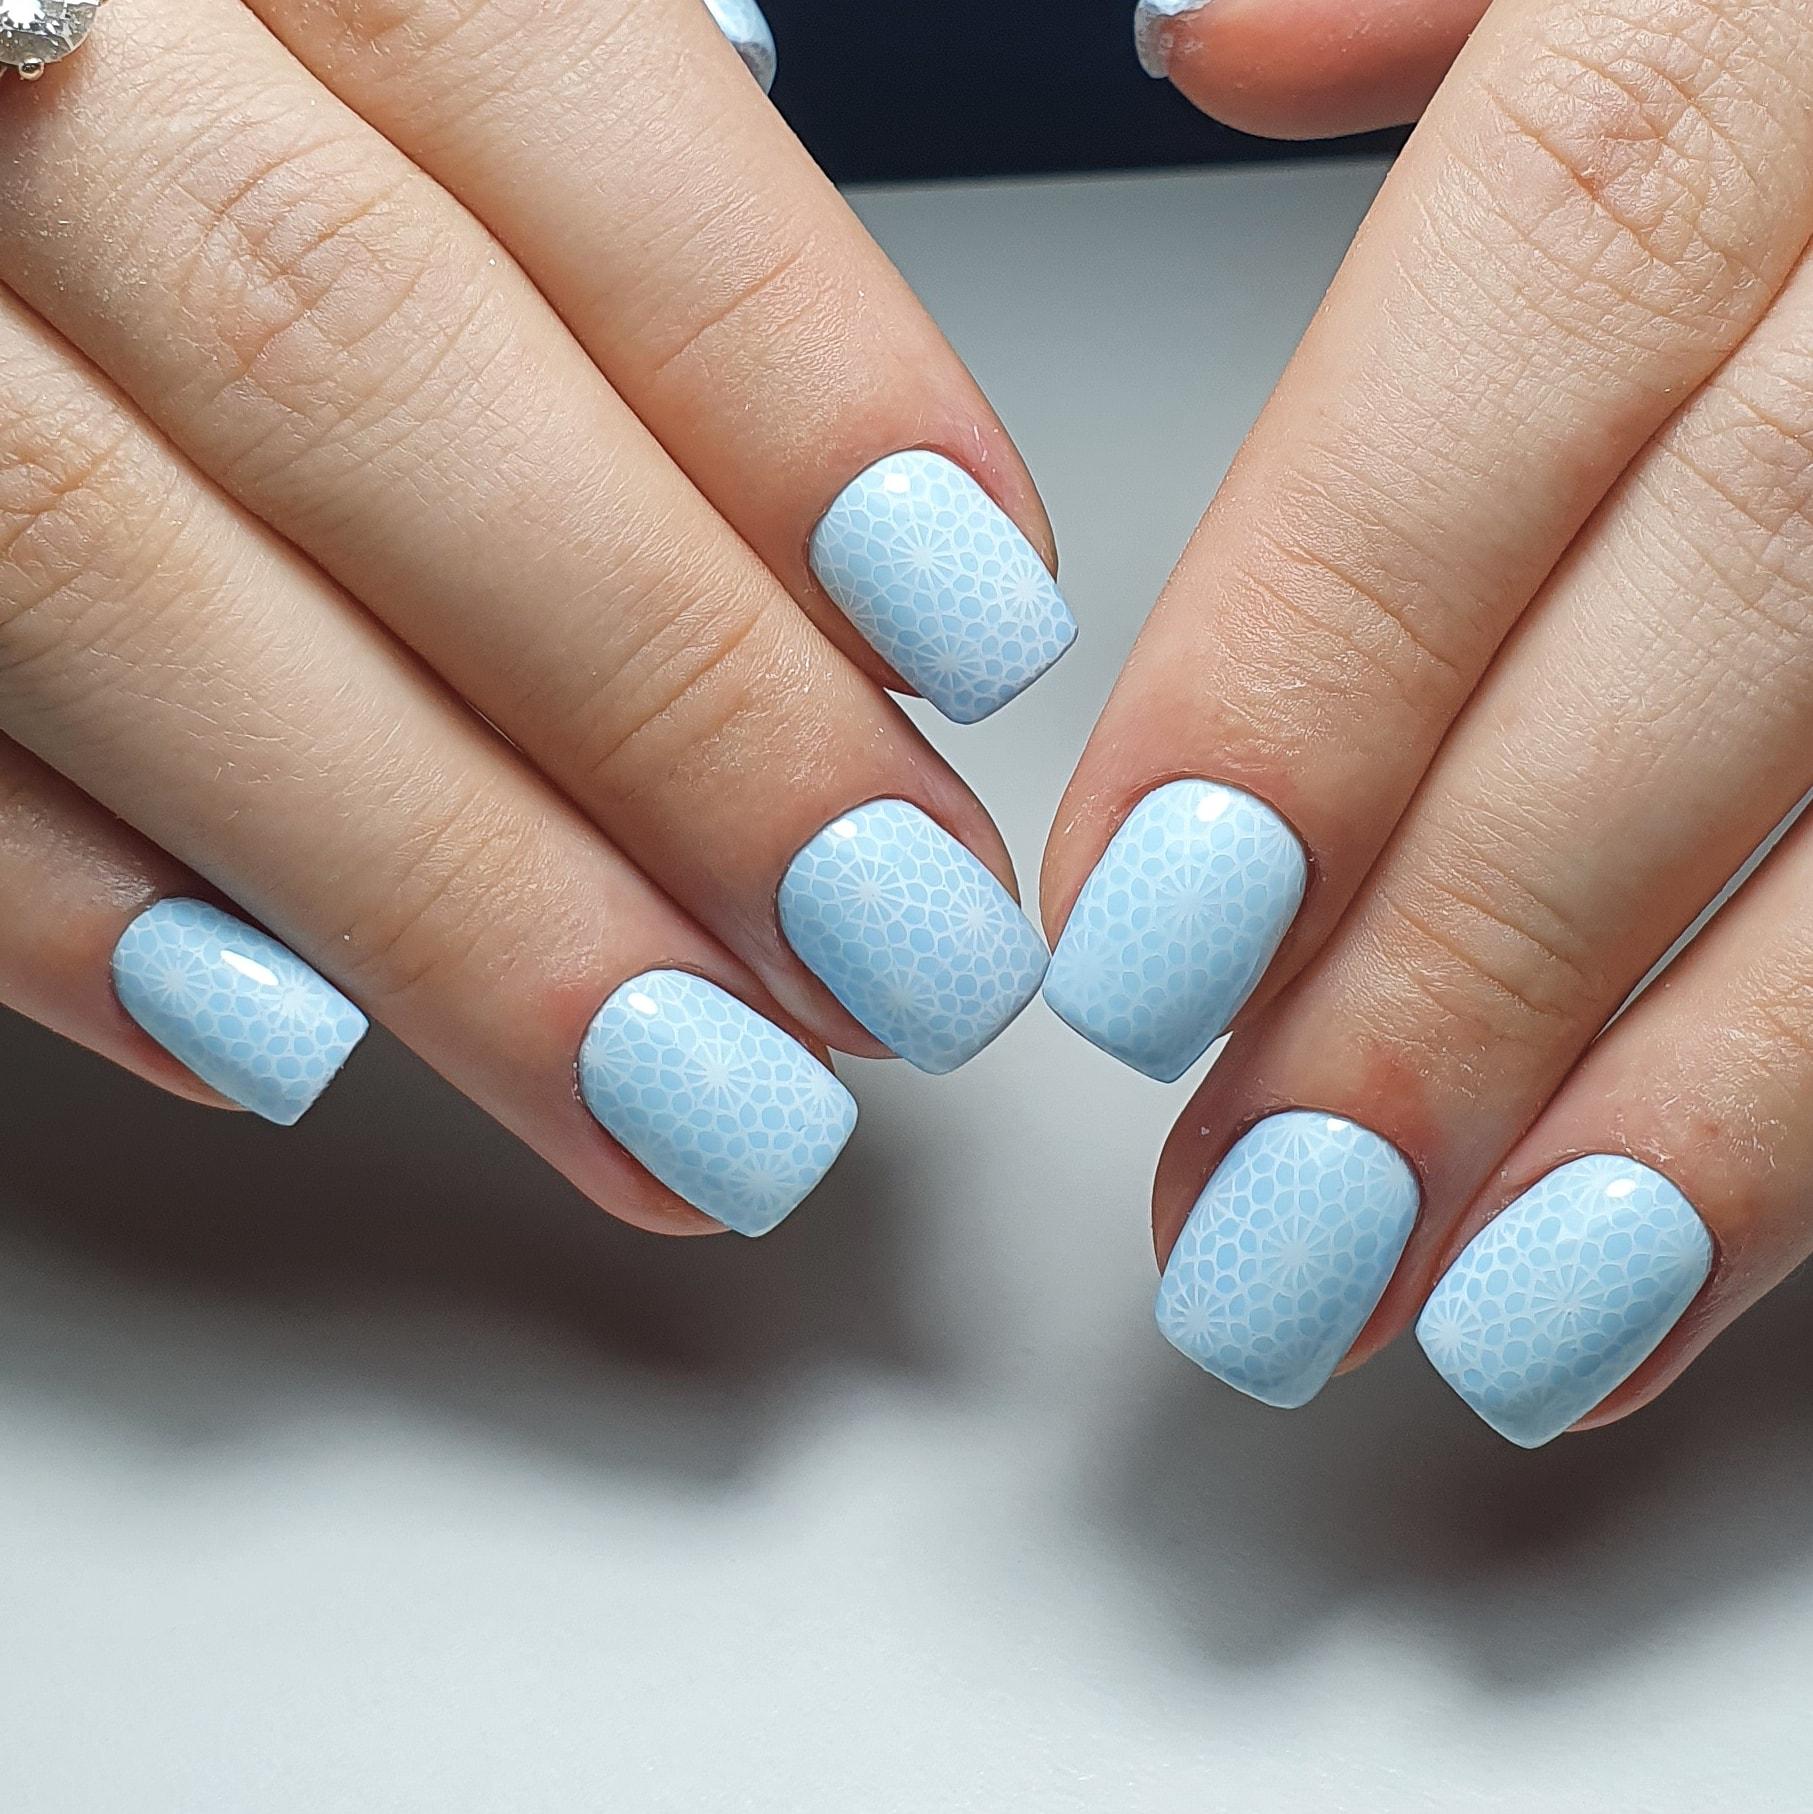 Маникюр со стемпингом в голубом цвете на короткие ногти.